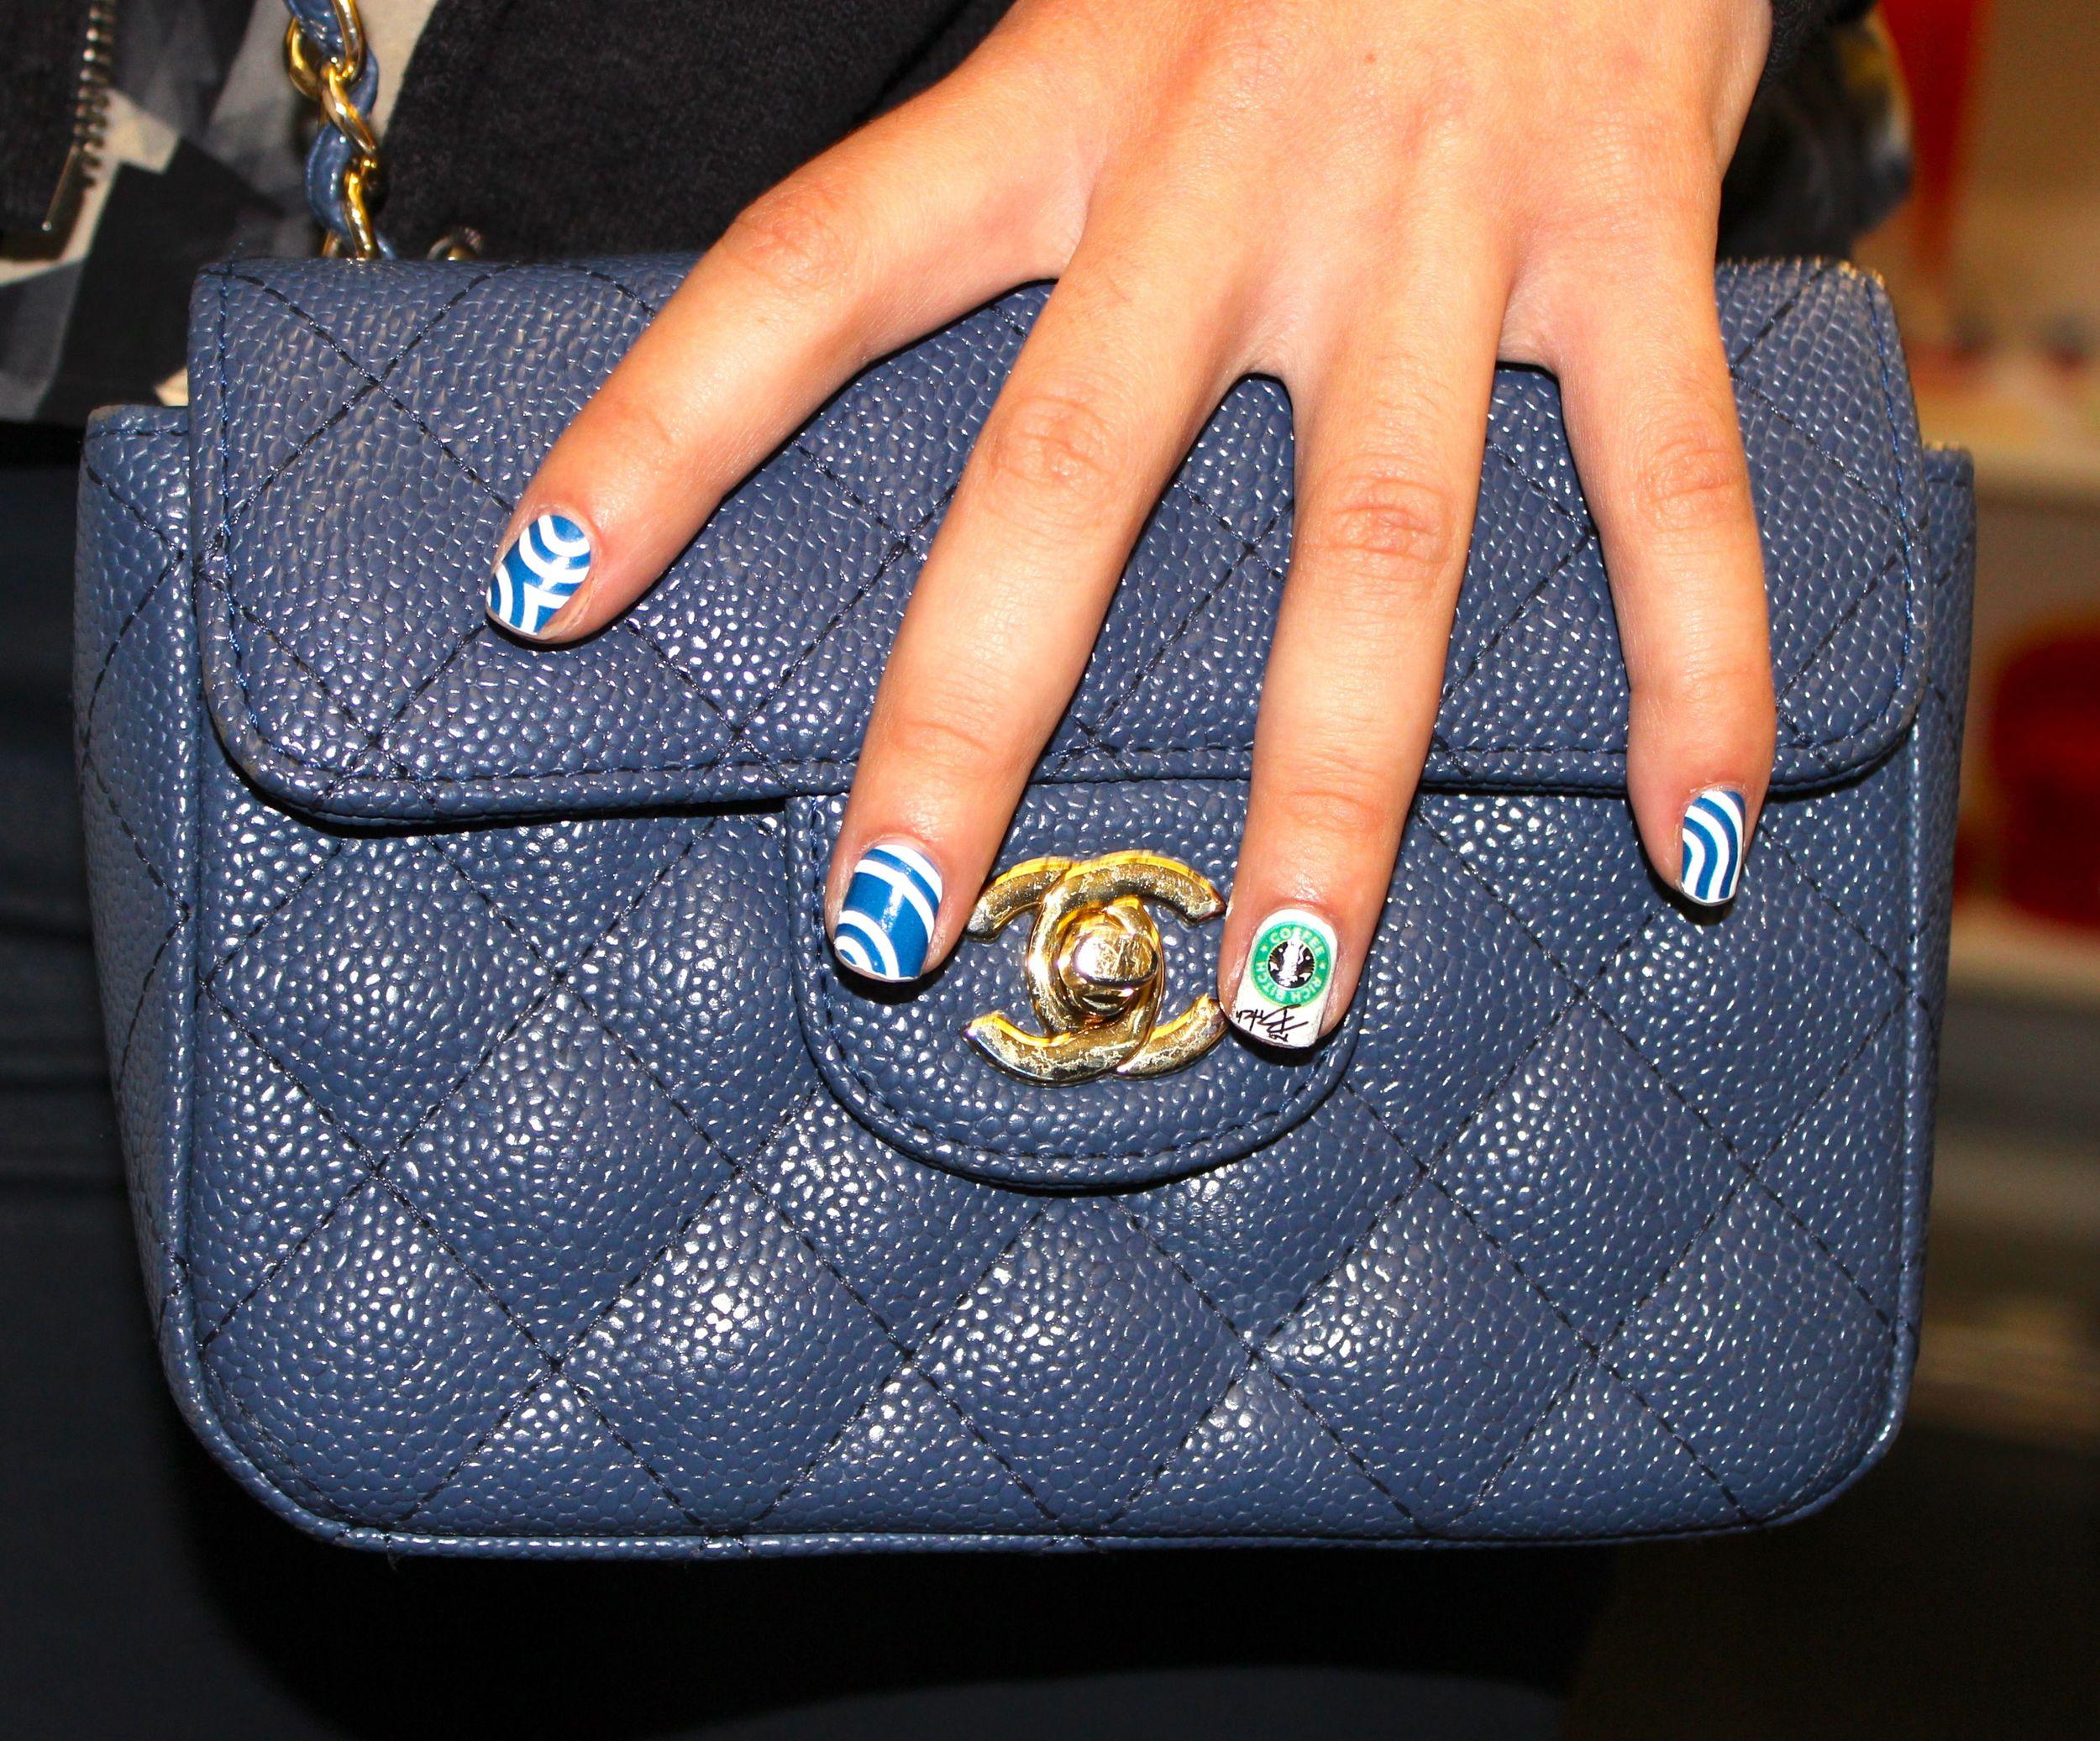 blue-chanel-bag-bling-ring